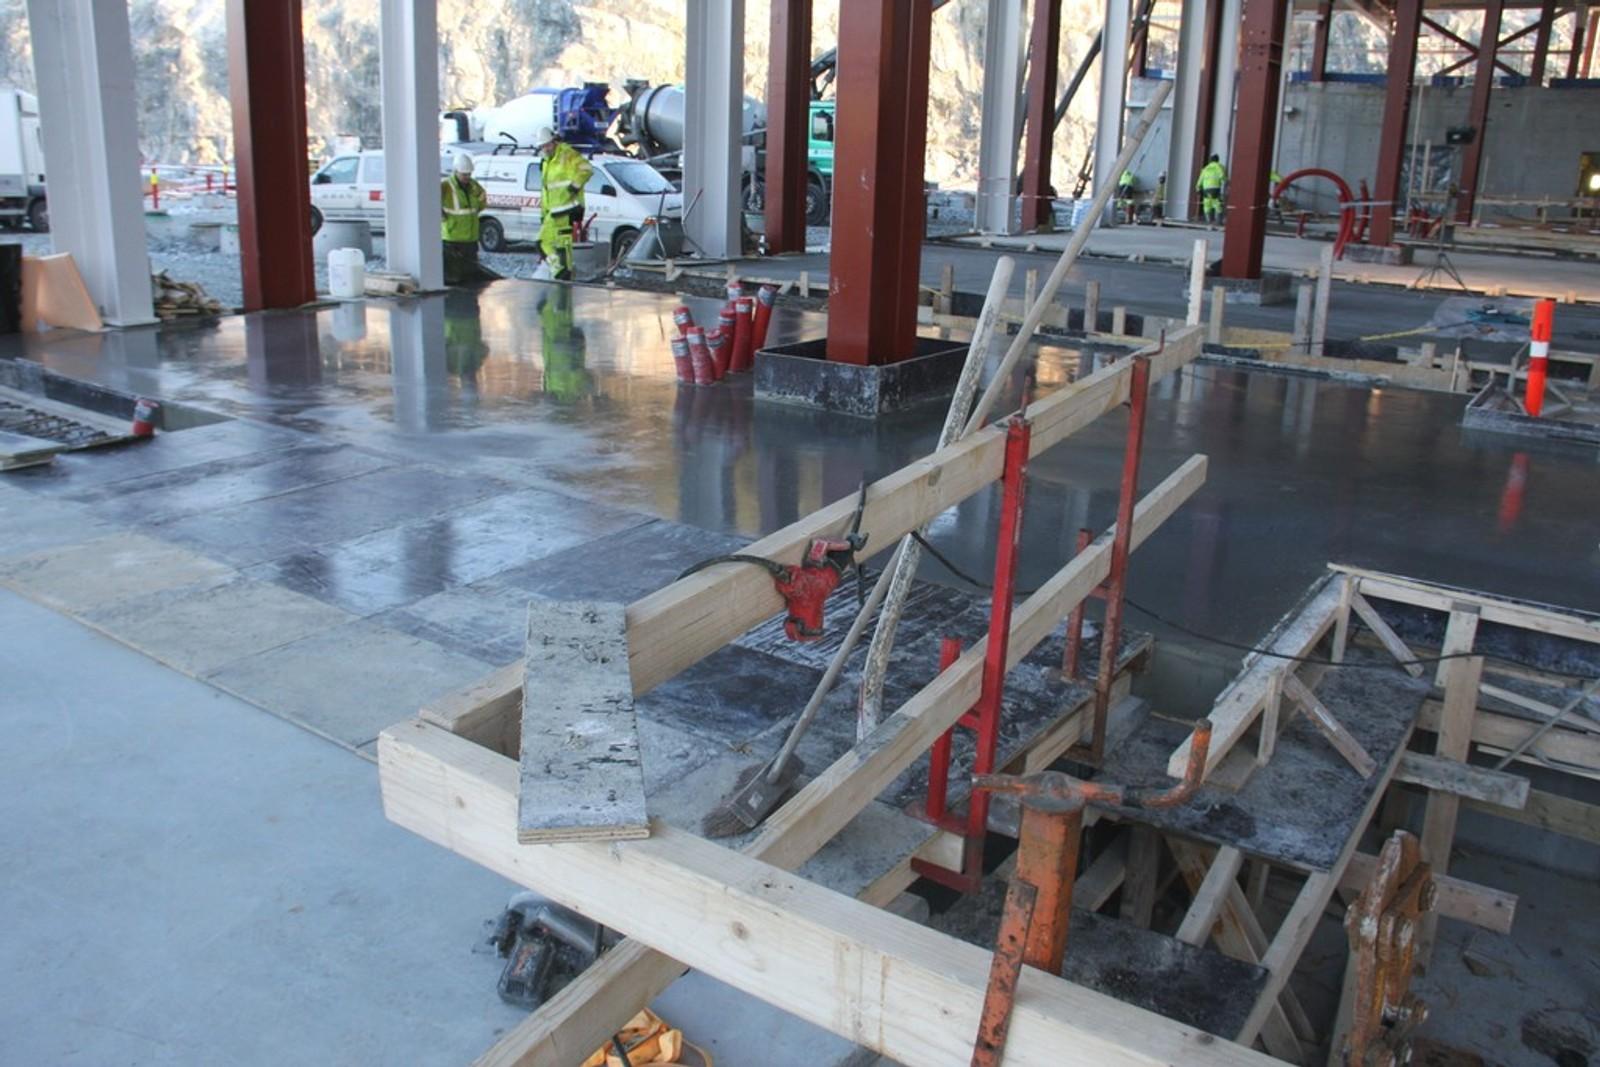 BYGGER RASKT: Rundt 100 meter av vognhallen er allerede oppført. Man begynner å sette opp og kle 100 meter vegg i neste uke. Deretter vil bygget bli forlenget med 50 meter i uken.